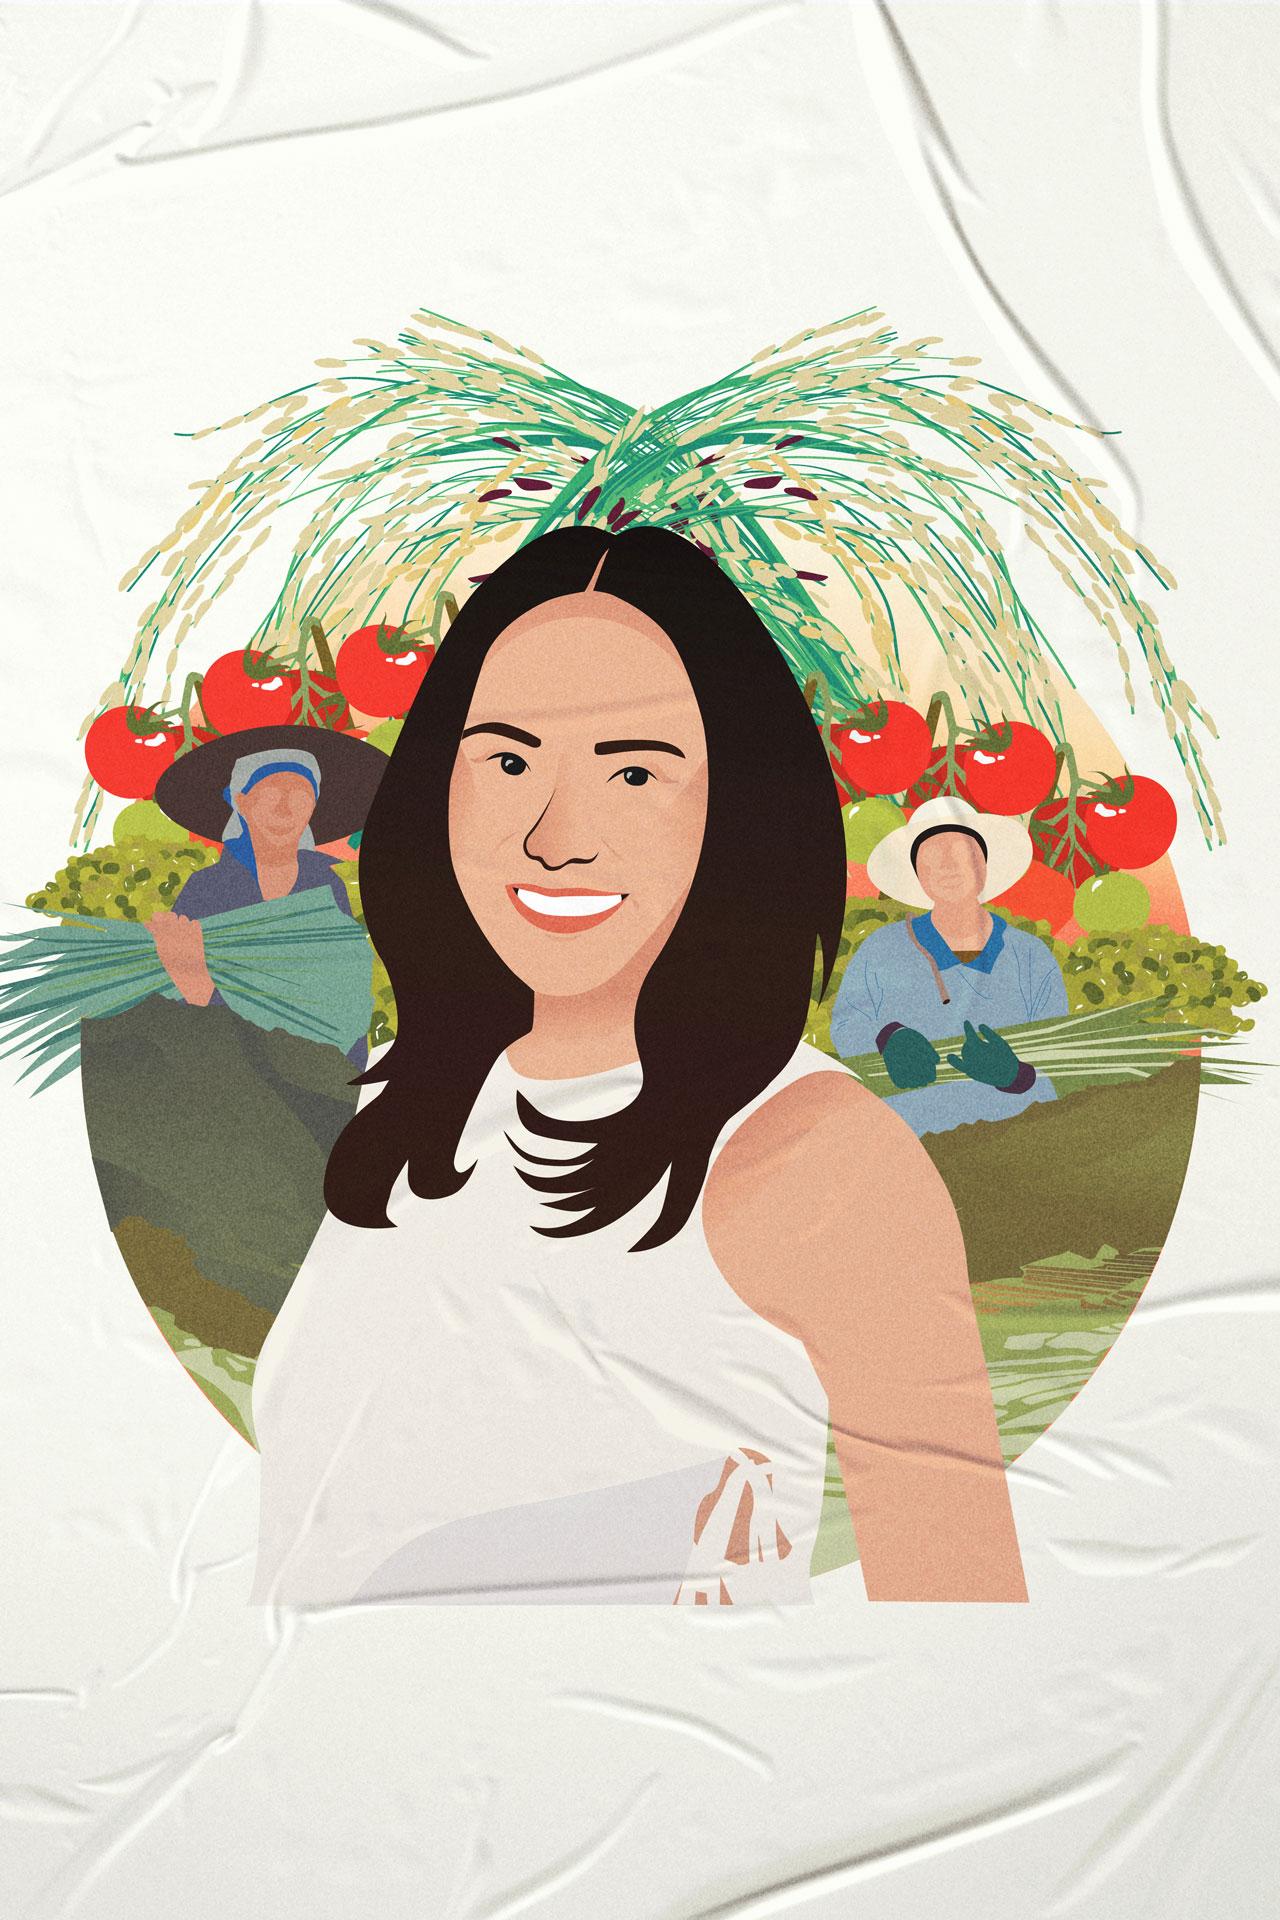 Cherrie Atilano President and Founding Farmer, AGREA, illustration by Isabela Ferrer